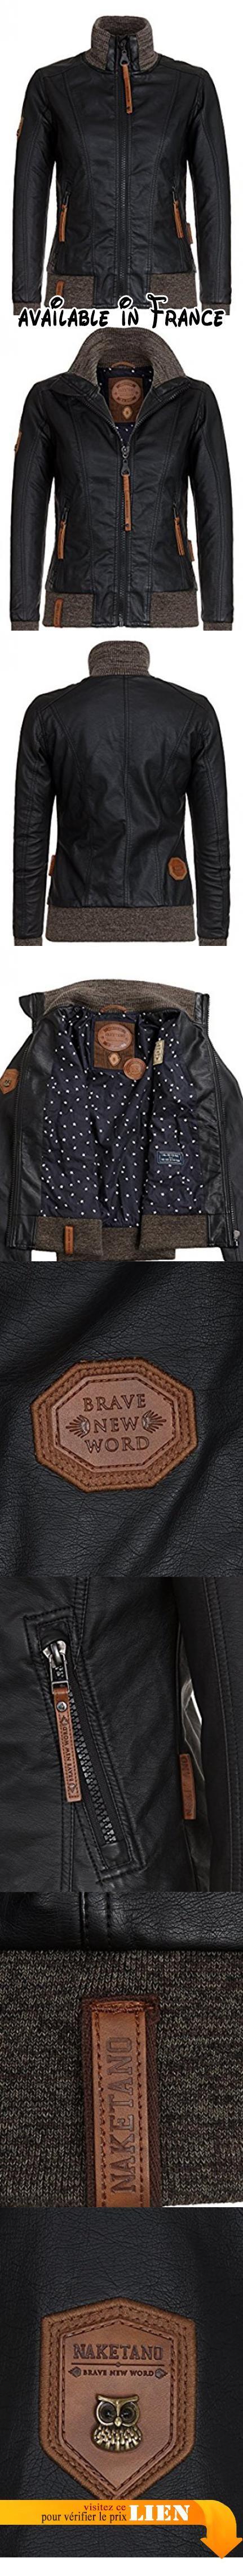 Nettoyer une veste imitation cuir